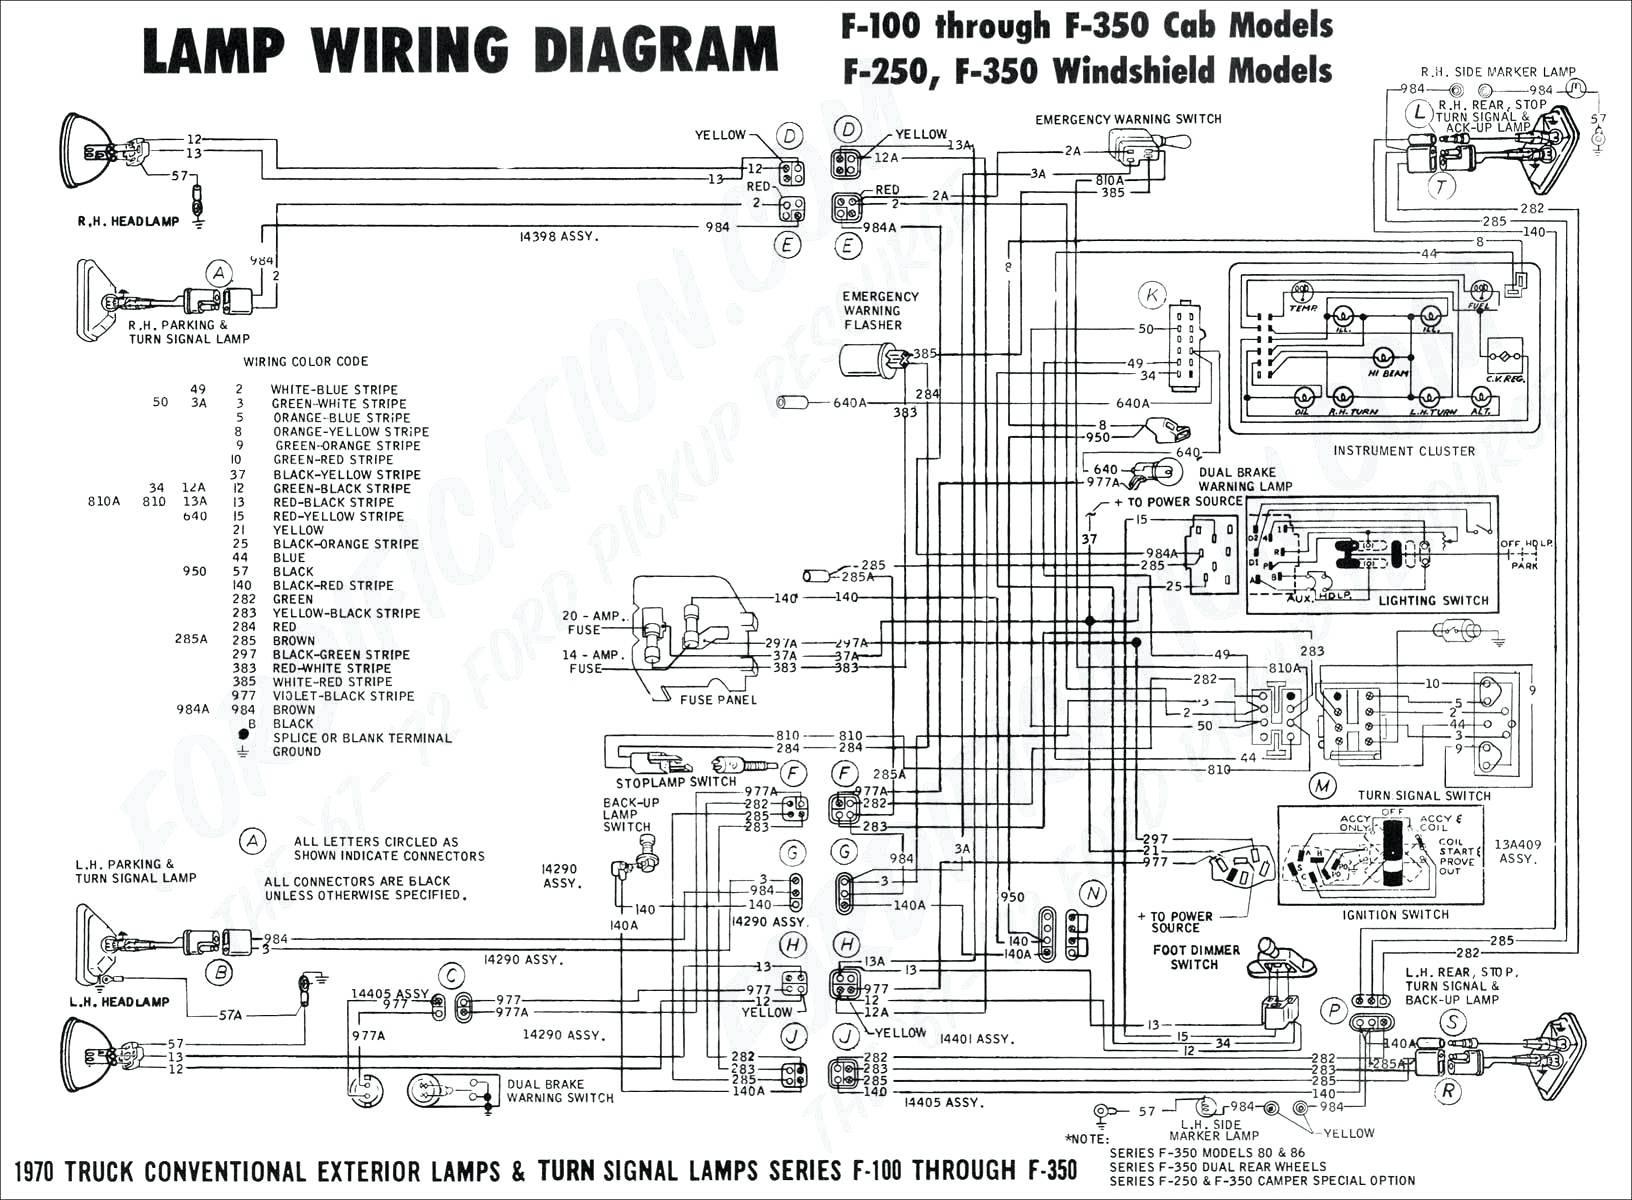 2016 Dodge Ram 1500 Wiring Schematics Dodge 2500 Trailer Wiring Diagram Wiring Diagram Data Of 2016 Dodge Ram 1500 Wiring Schematics